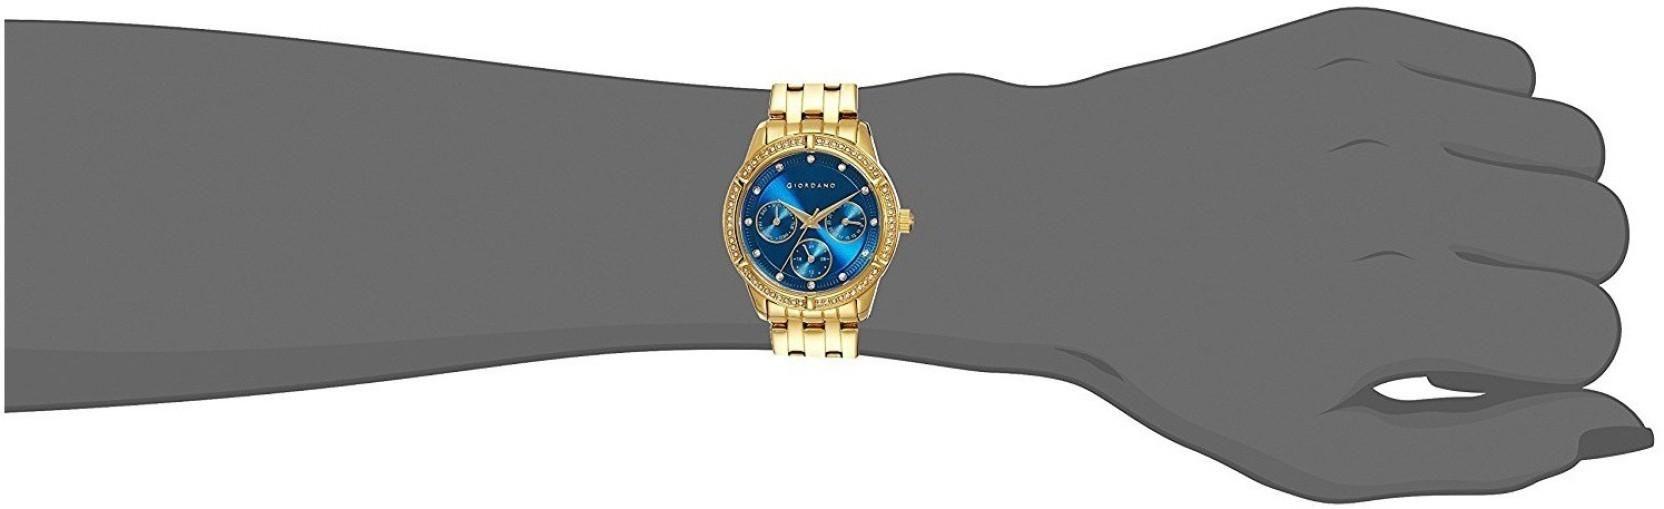 Giordano 2768-22 Watch - For Women